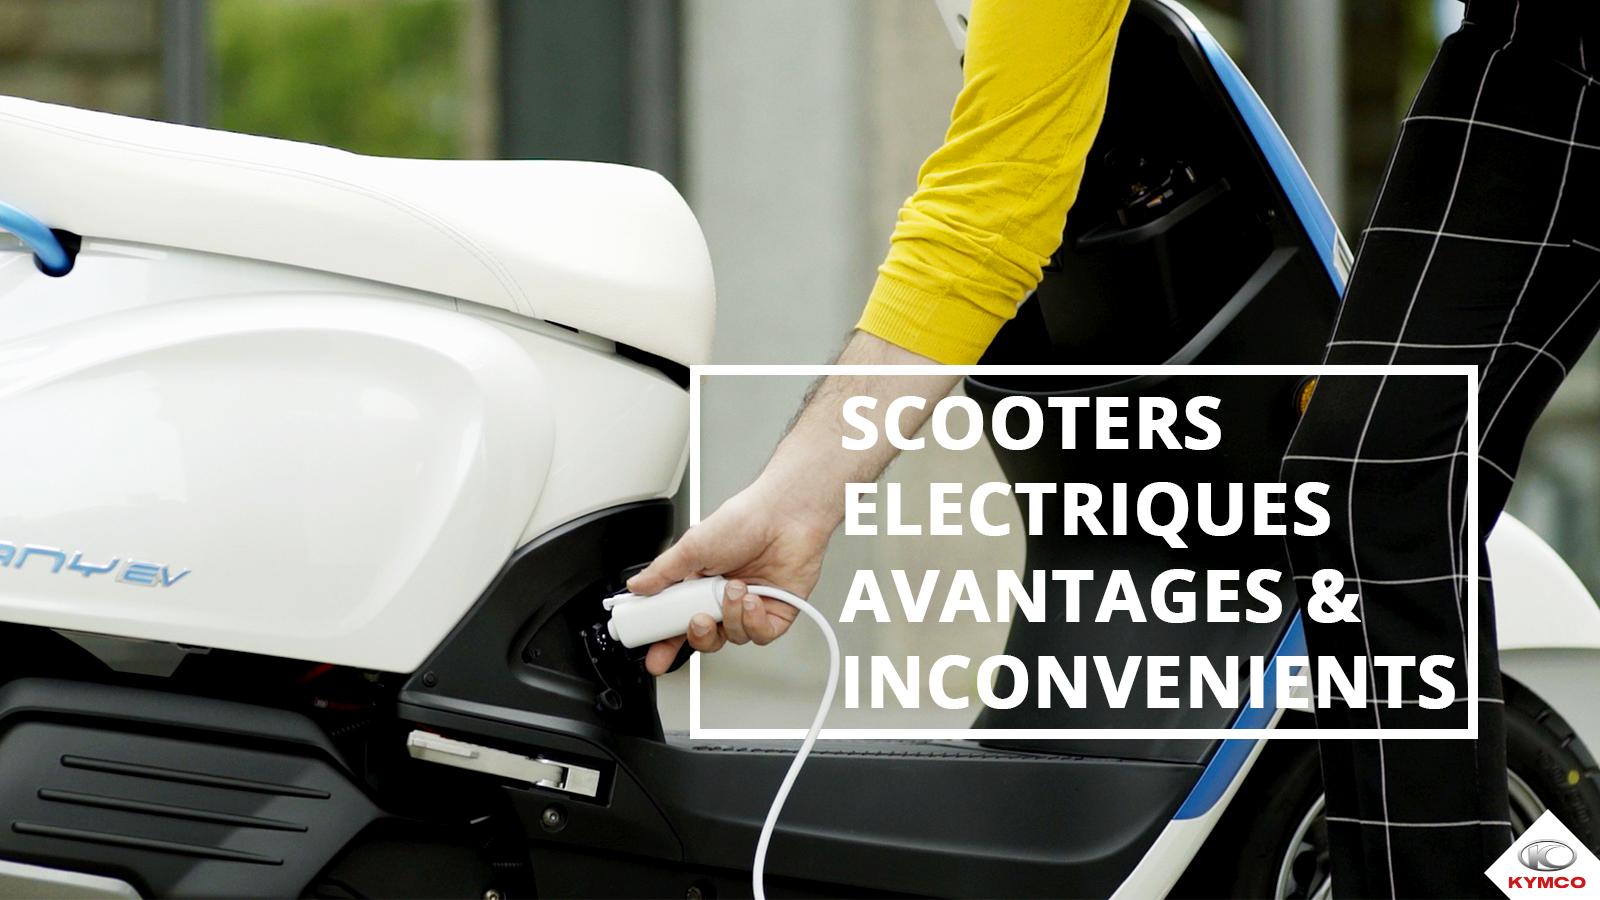 Scooters-electriques_avantages-inconvenients-featured